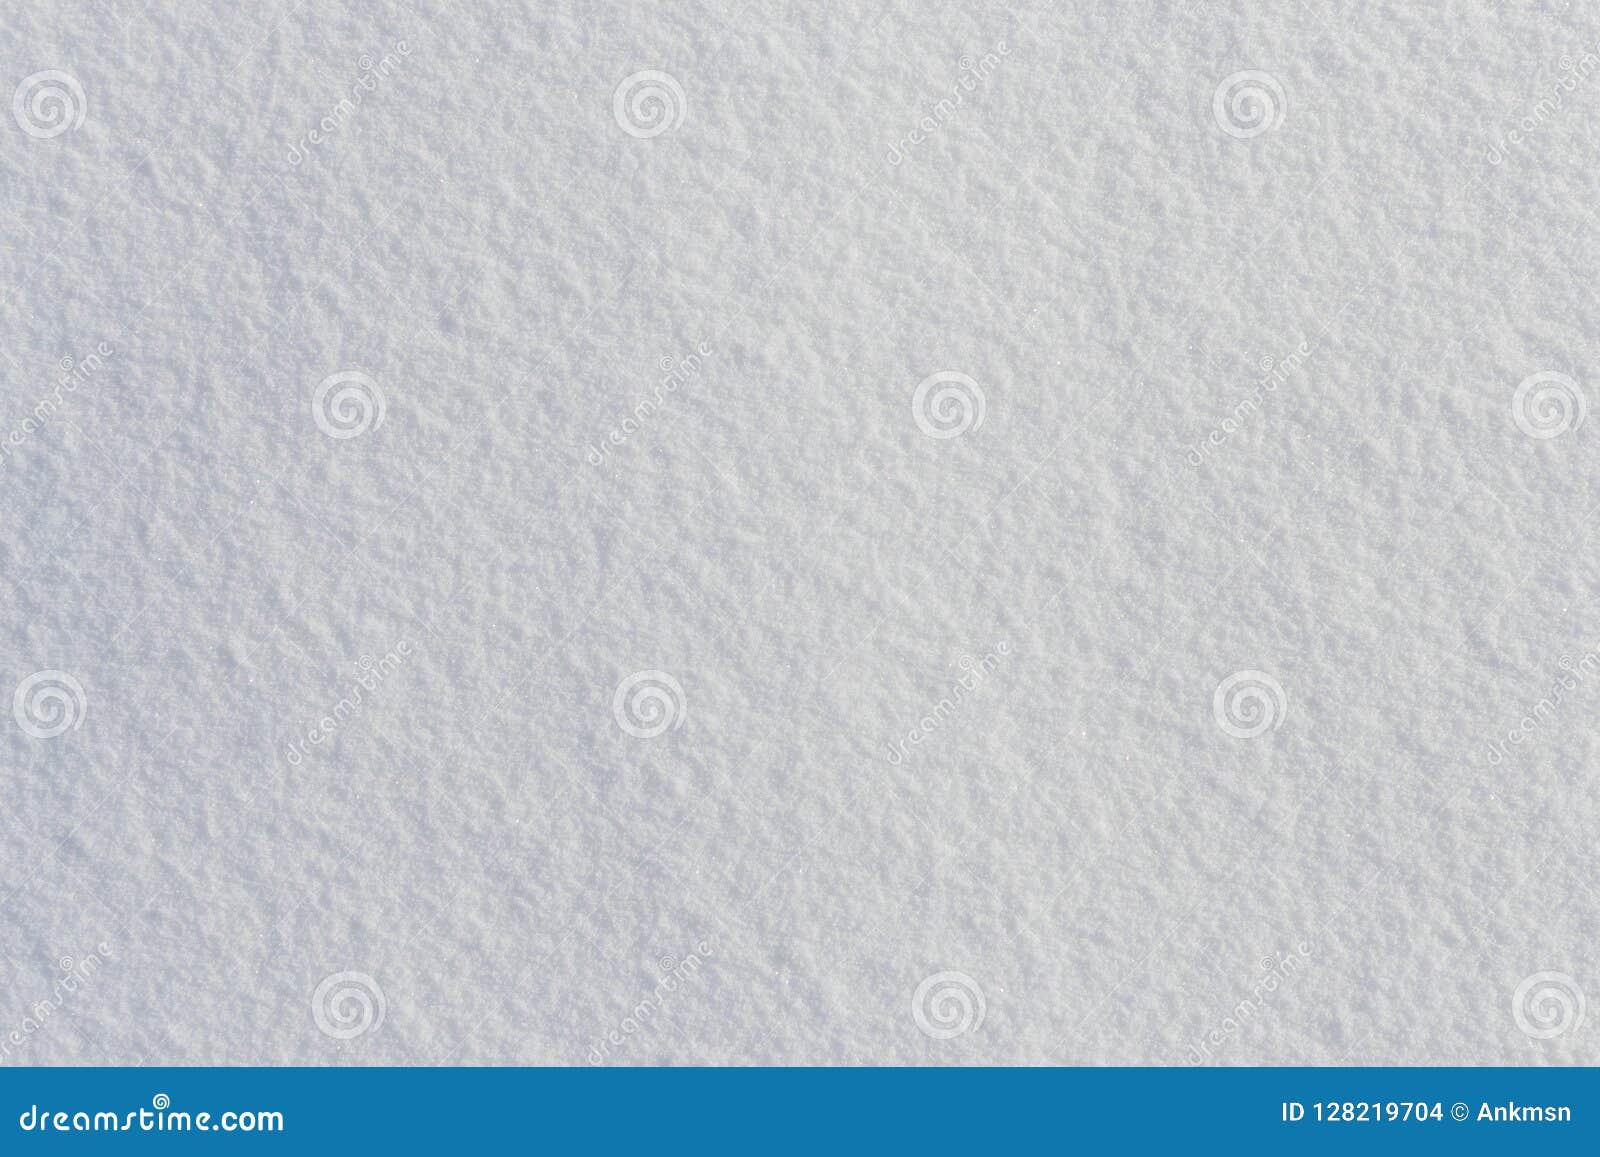 Draufsicht der weißen neuen eisigen Schneebeschaffenheit